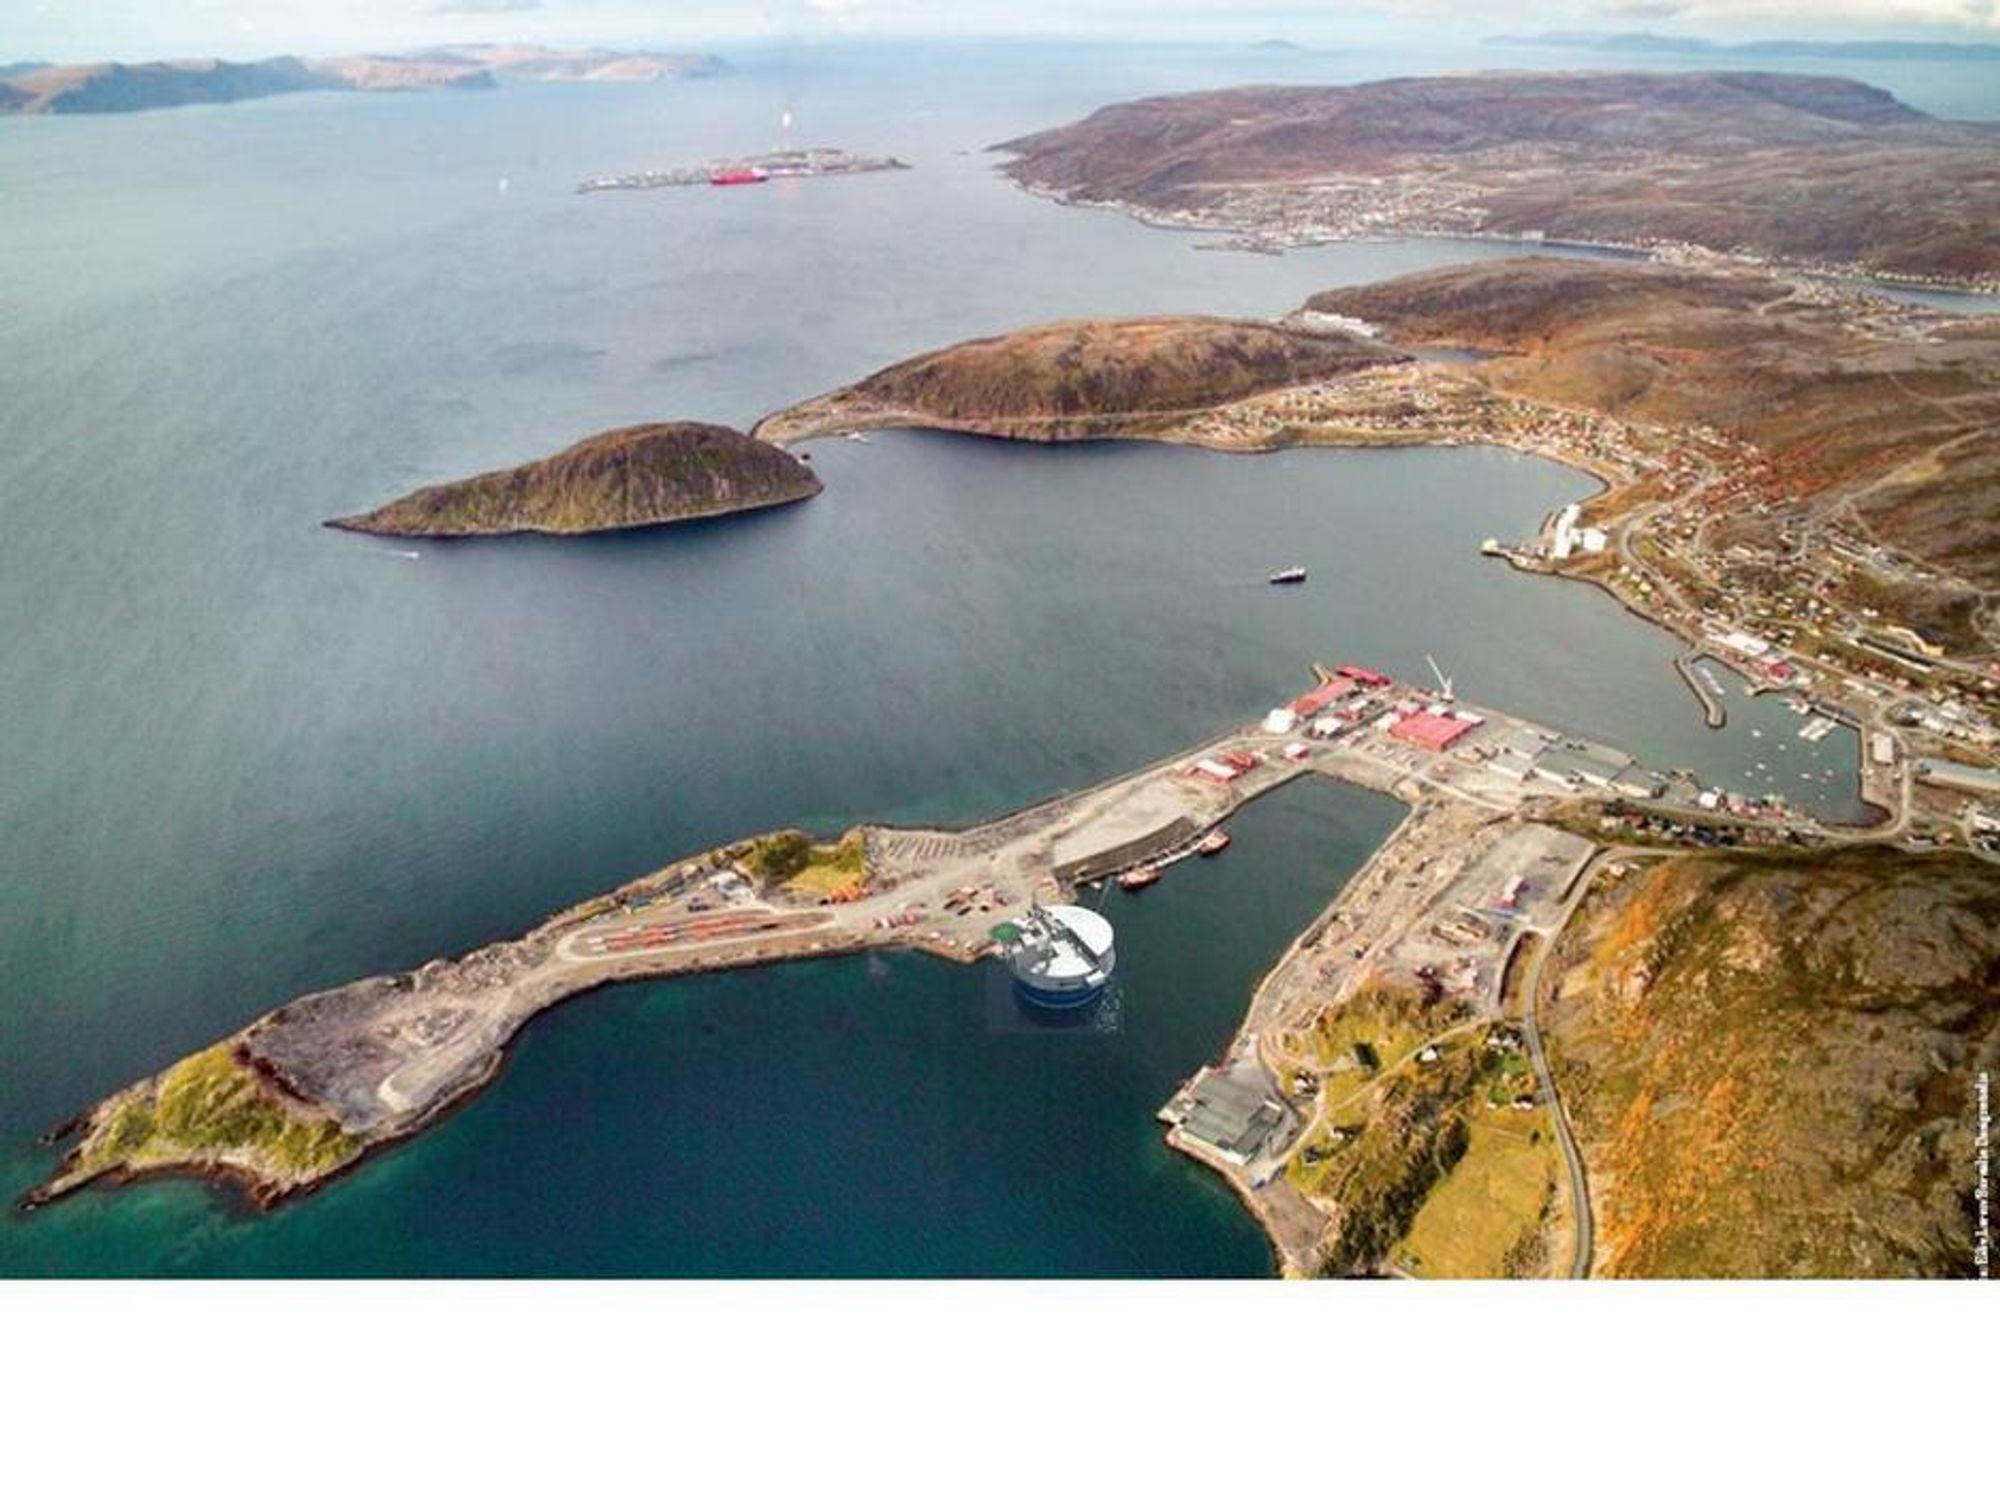 BASE: Den nye Eni-sjefen i Norge, Leonardo Stefani, får jobben med å fullføre utbyggingen av Goliat-feltet utenfor Finnmark. Illustrasjon viser en tenkt base for utbyggingen.